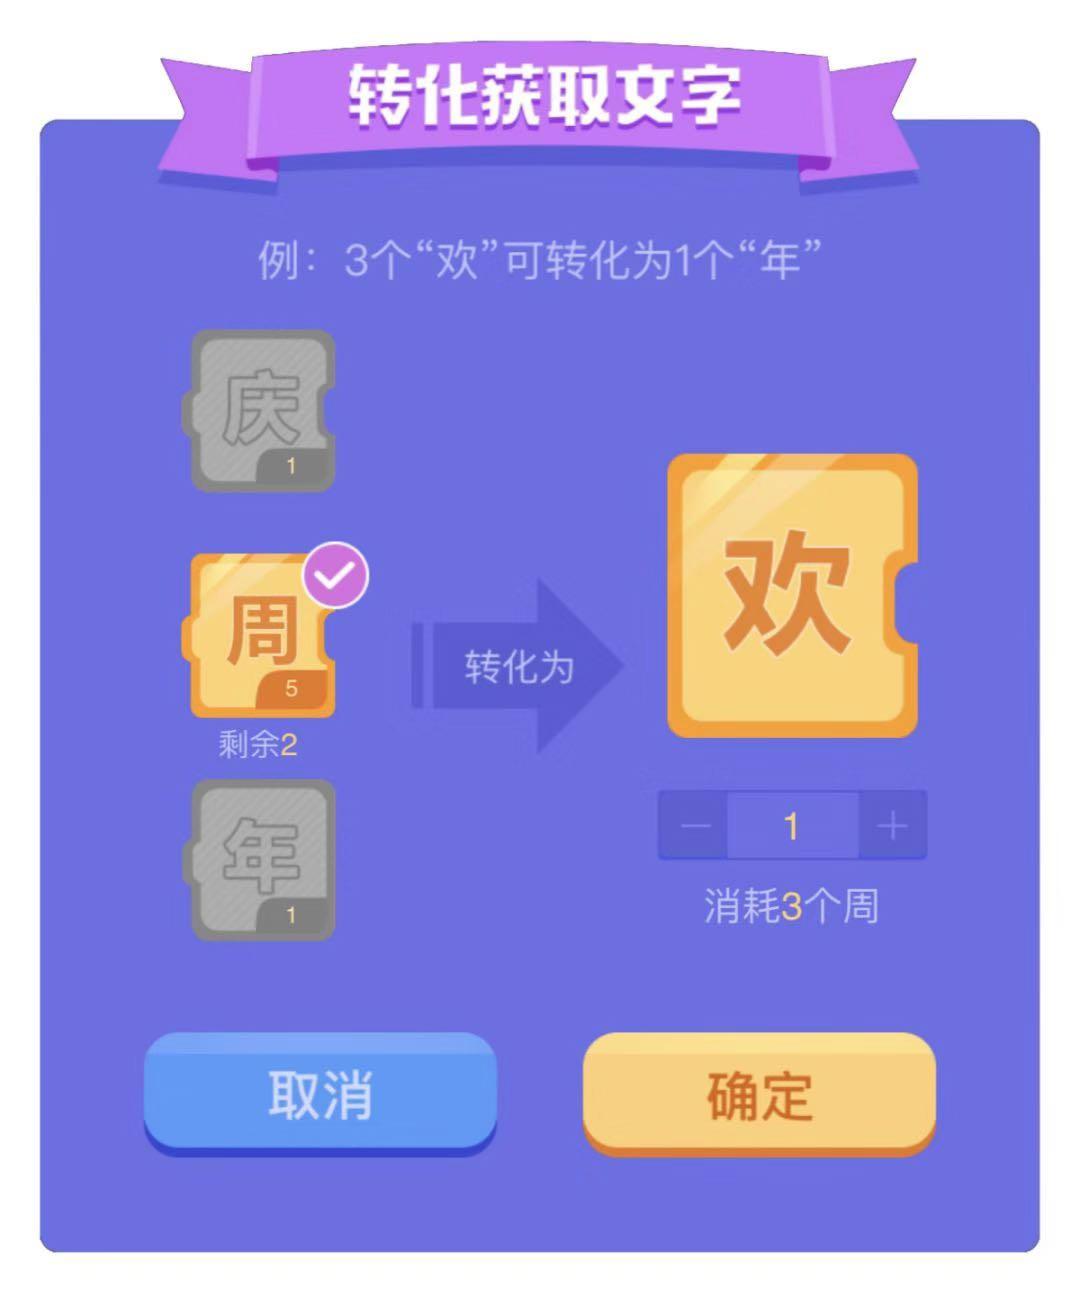 宝石星球:参与周年庆,赢限定永久头像框 手机赚钱 第4张